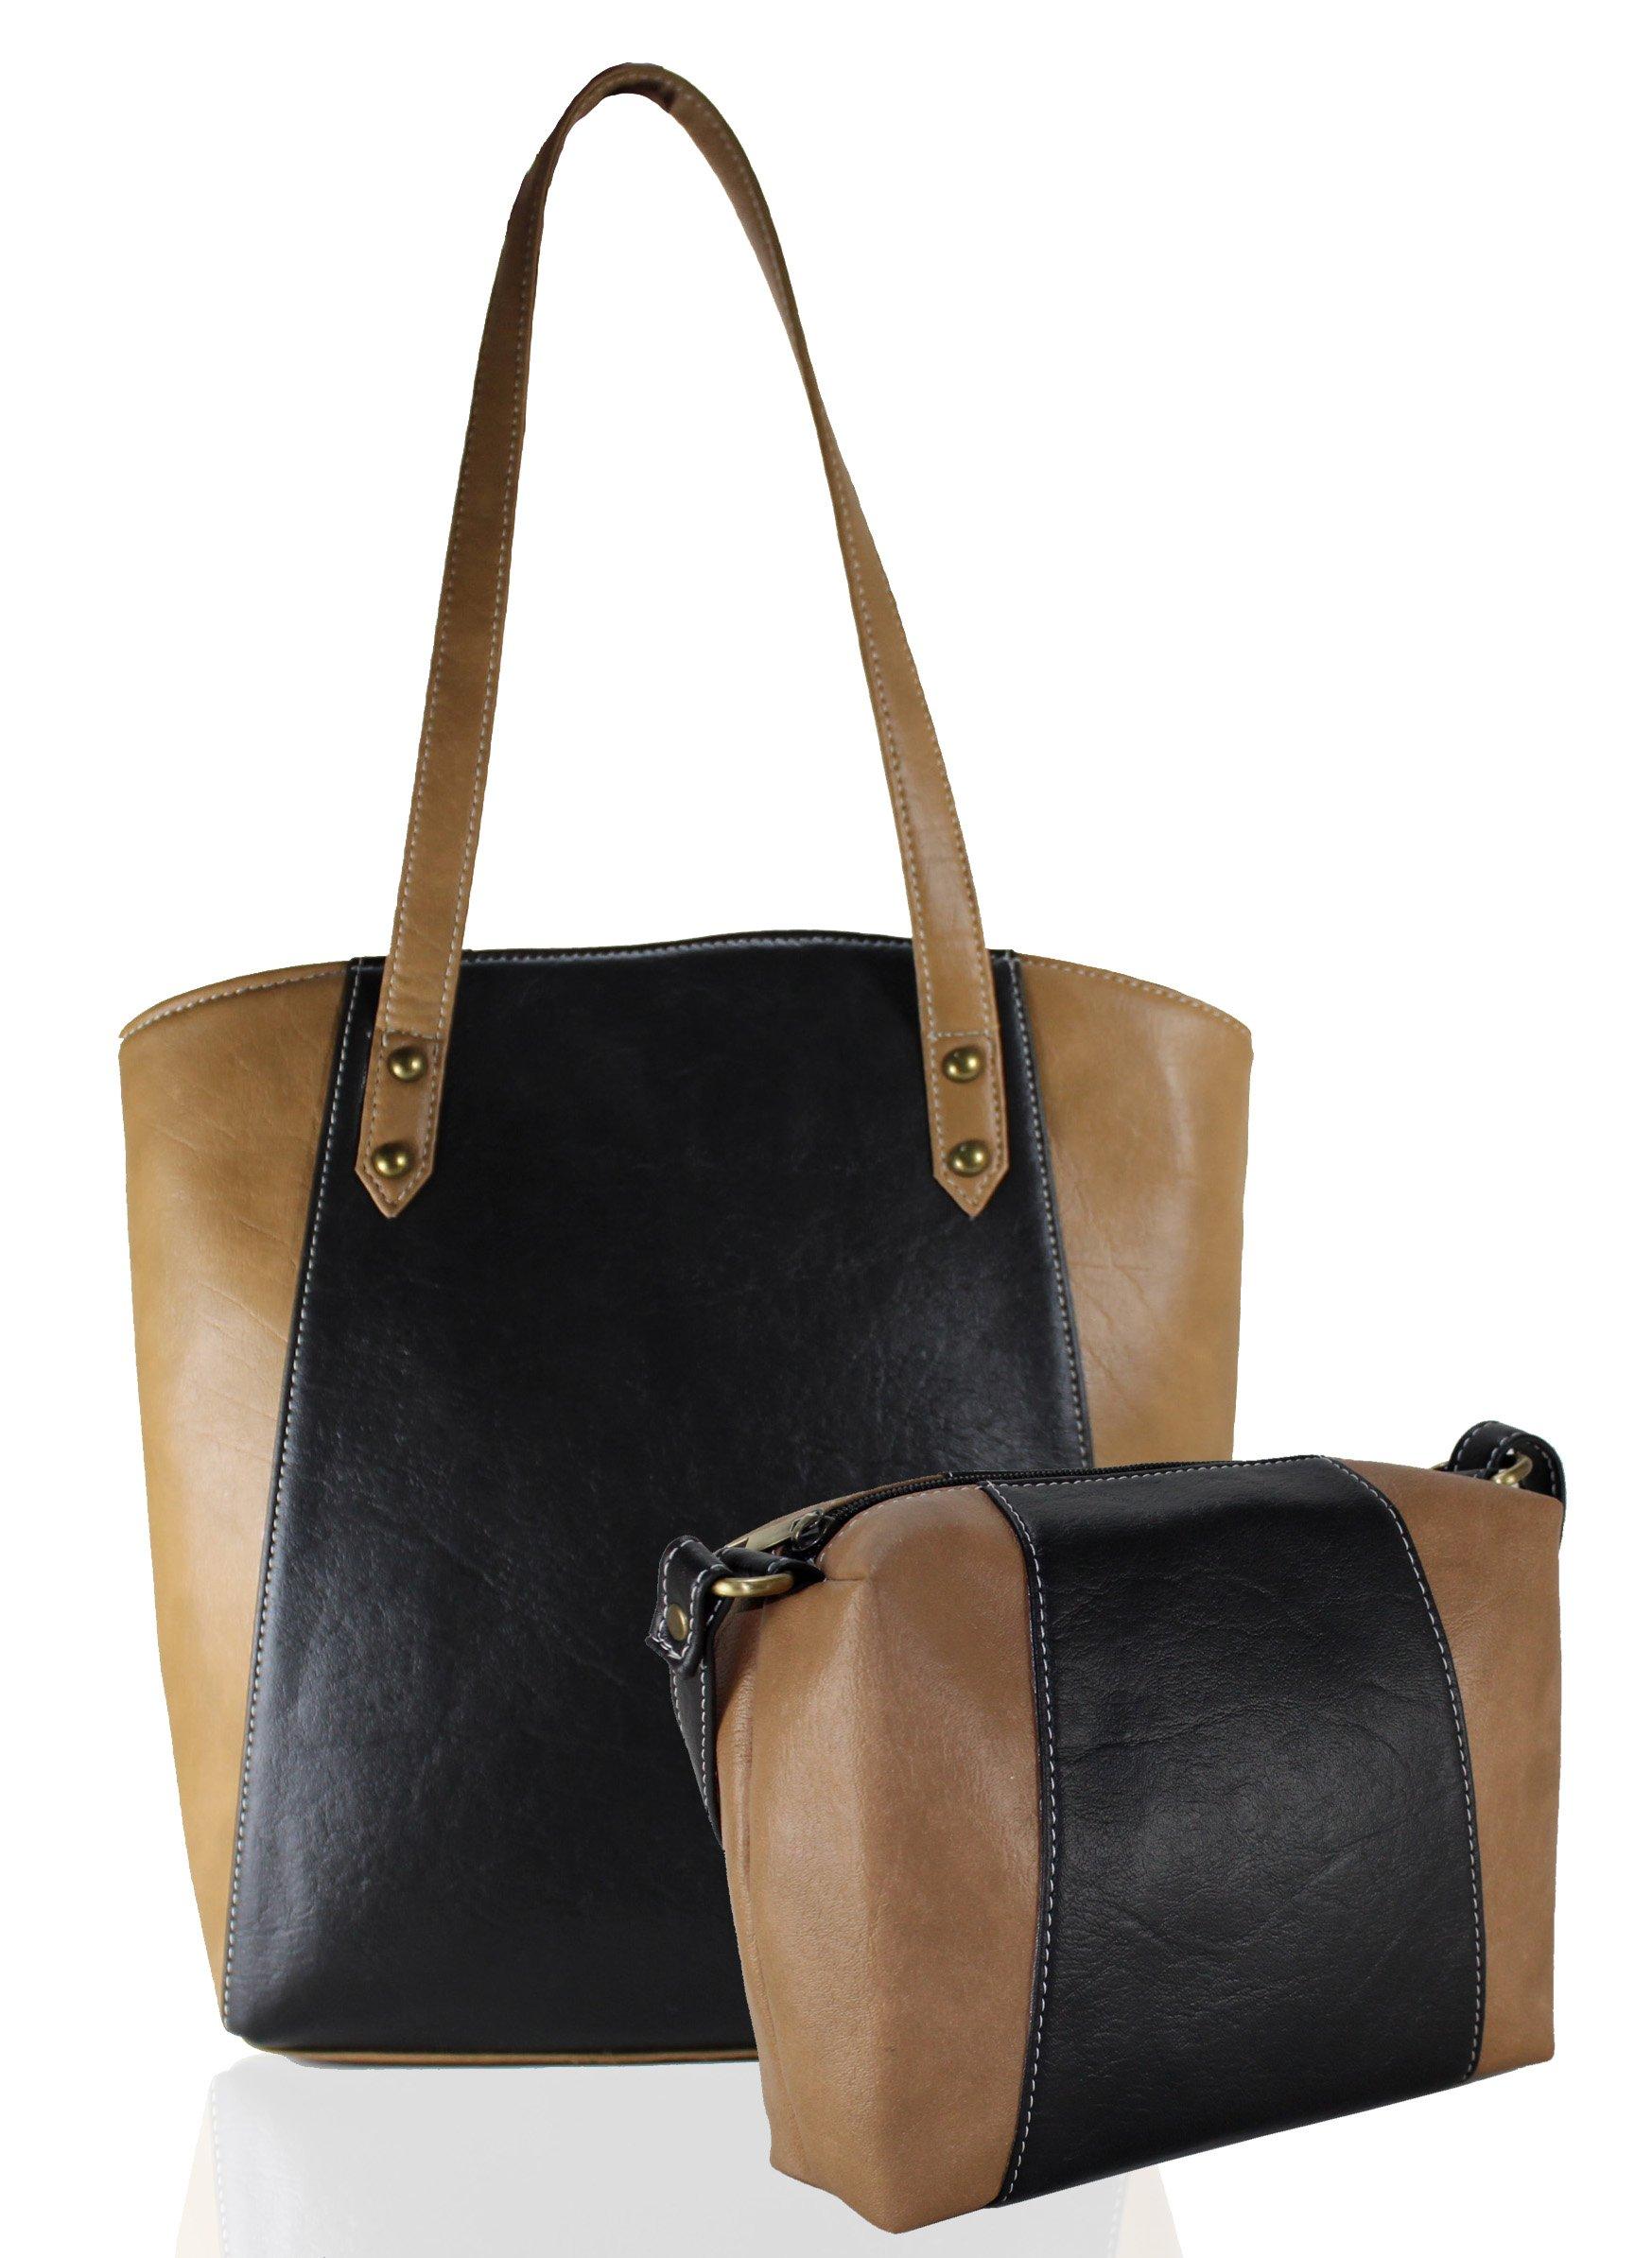 Fargo Motley PU Leather Women s   Girl s Shoulder Tote Handbag ... fac587e4a52b3